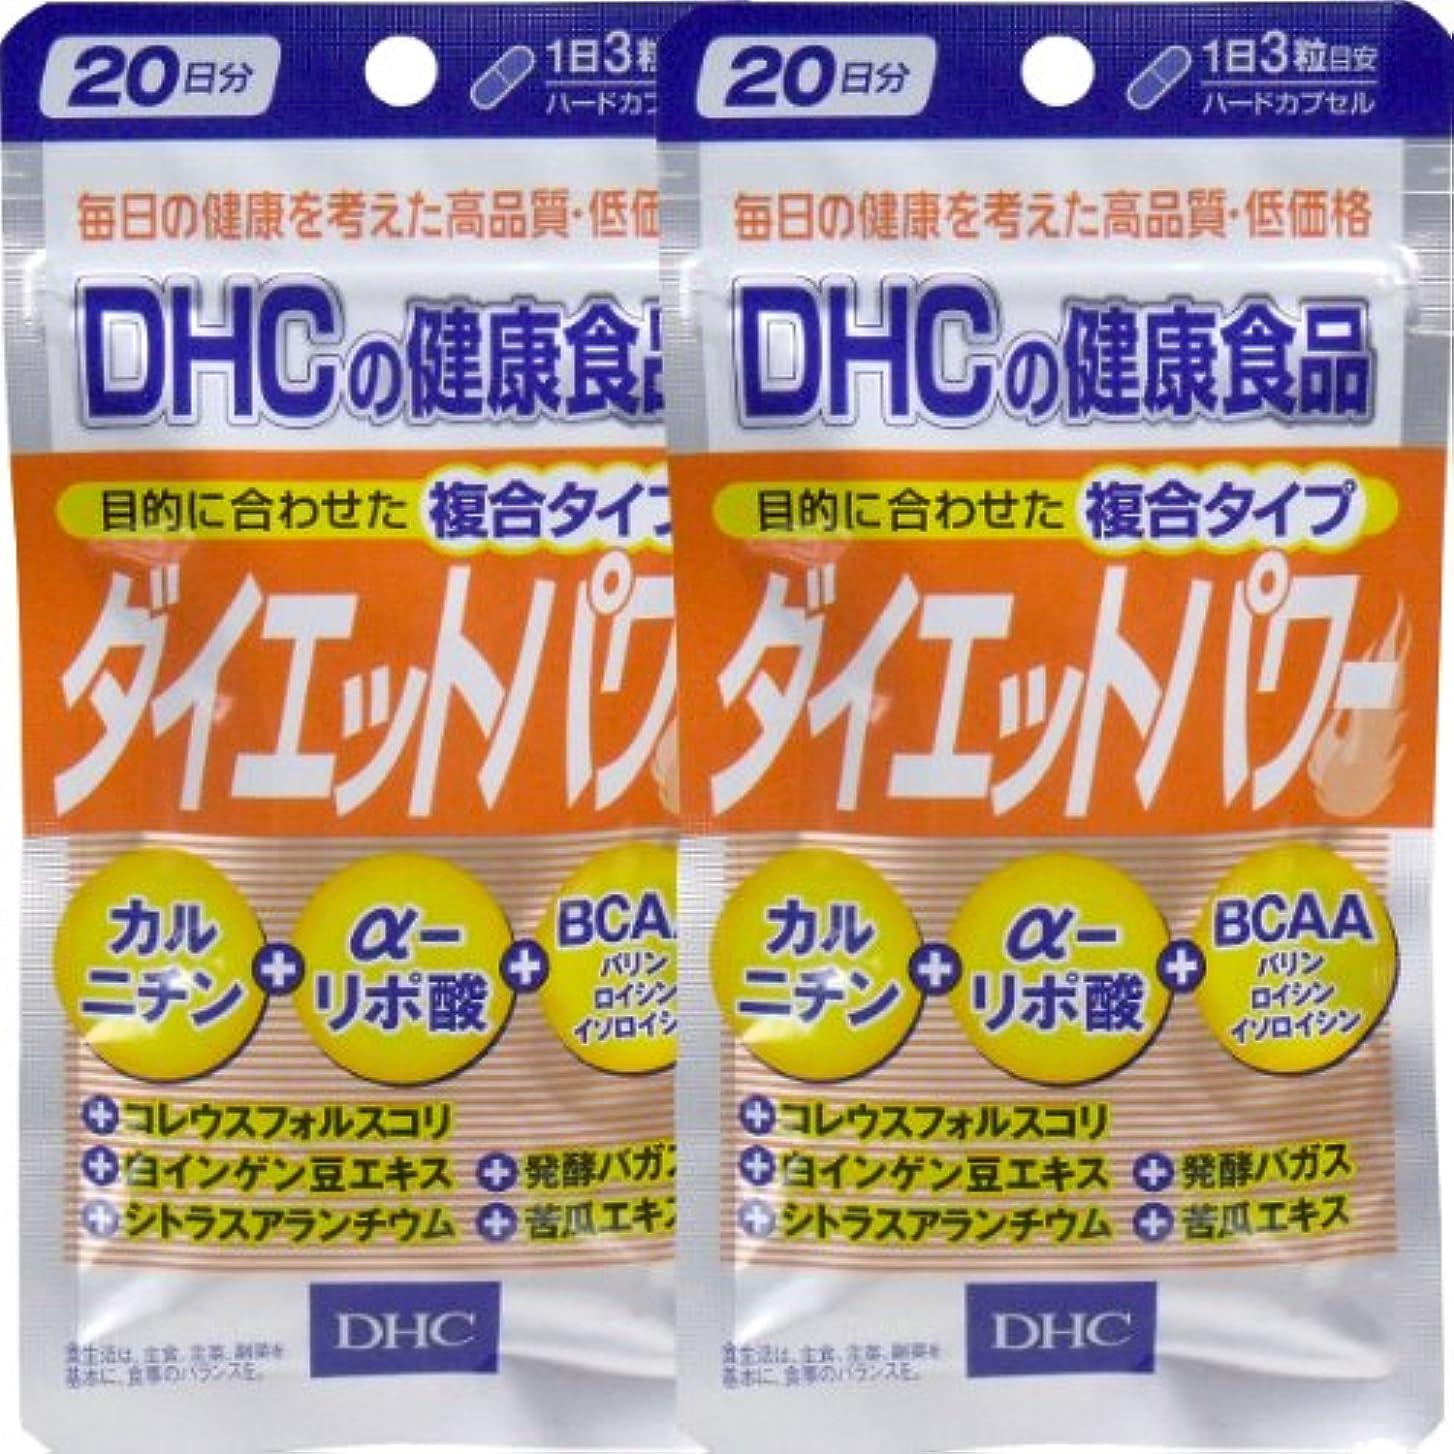 ロビー商人任命するDHC ダイエットパワー 20日分 60粒 ×2個セット